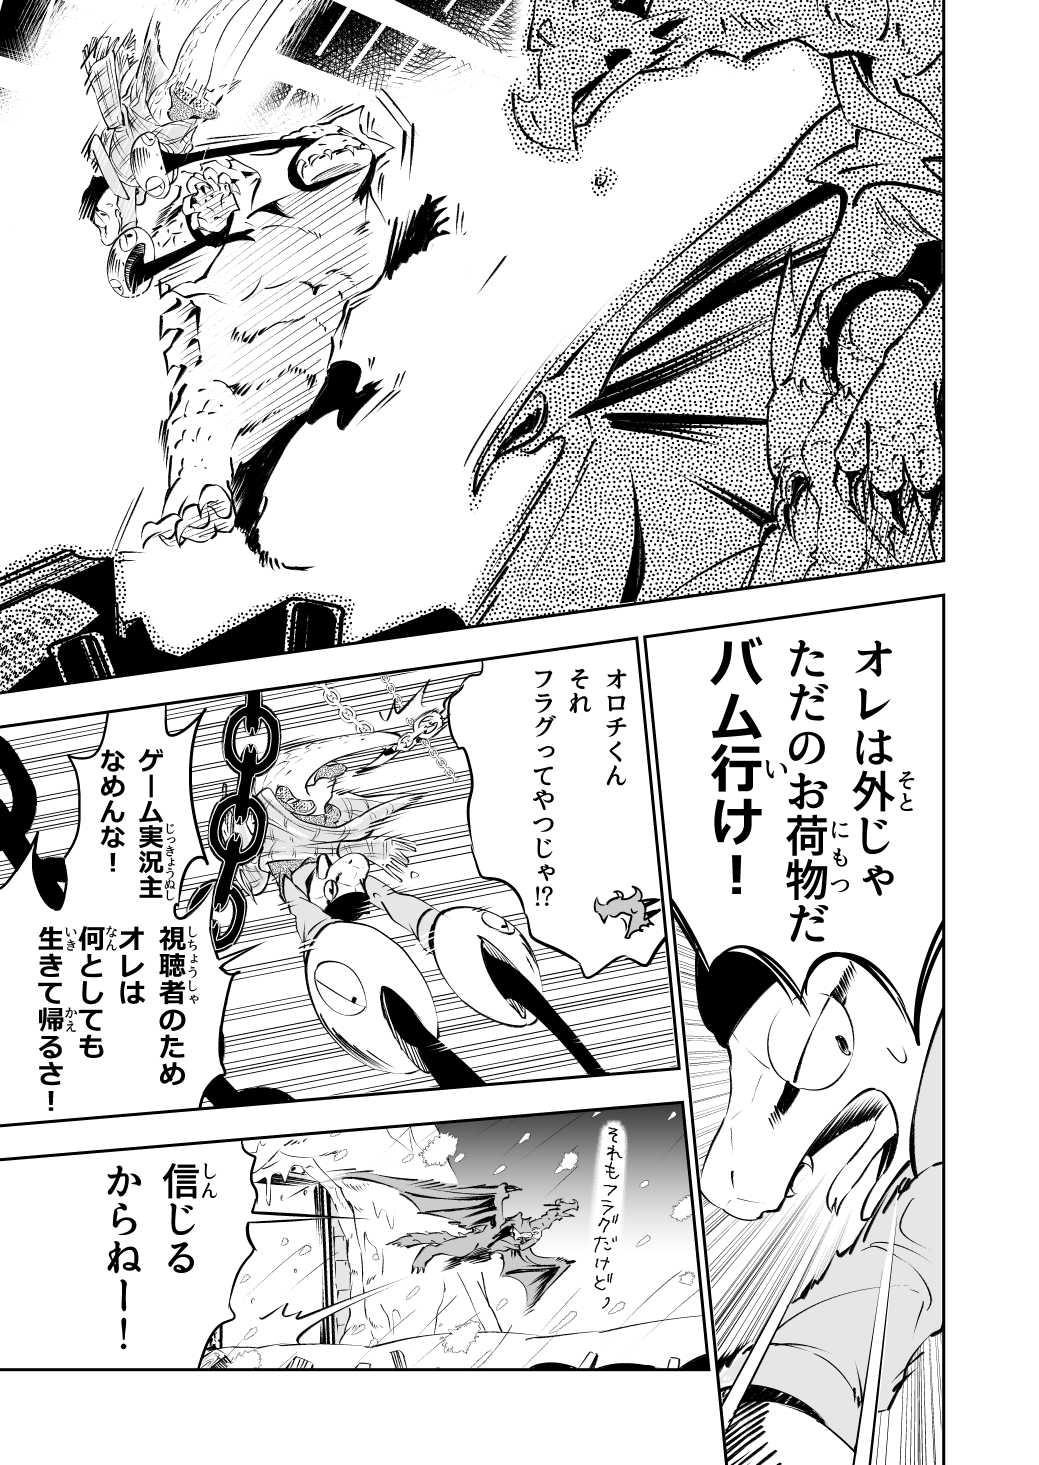 インターン召喚獣_032.jpg